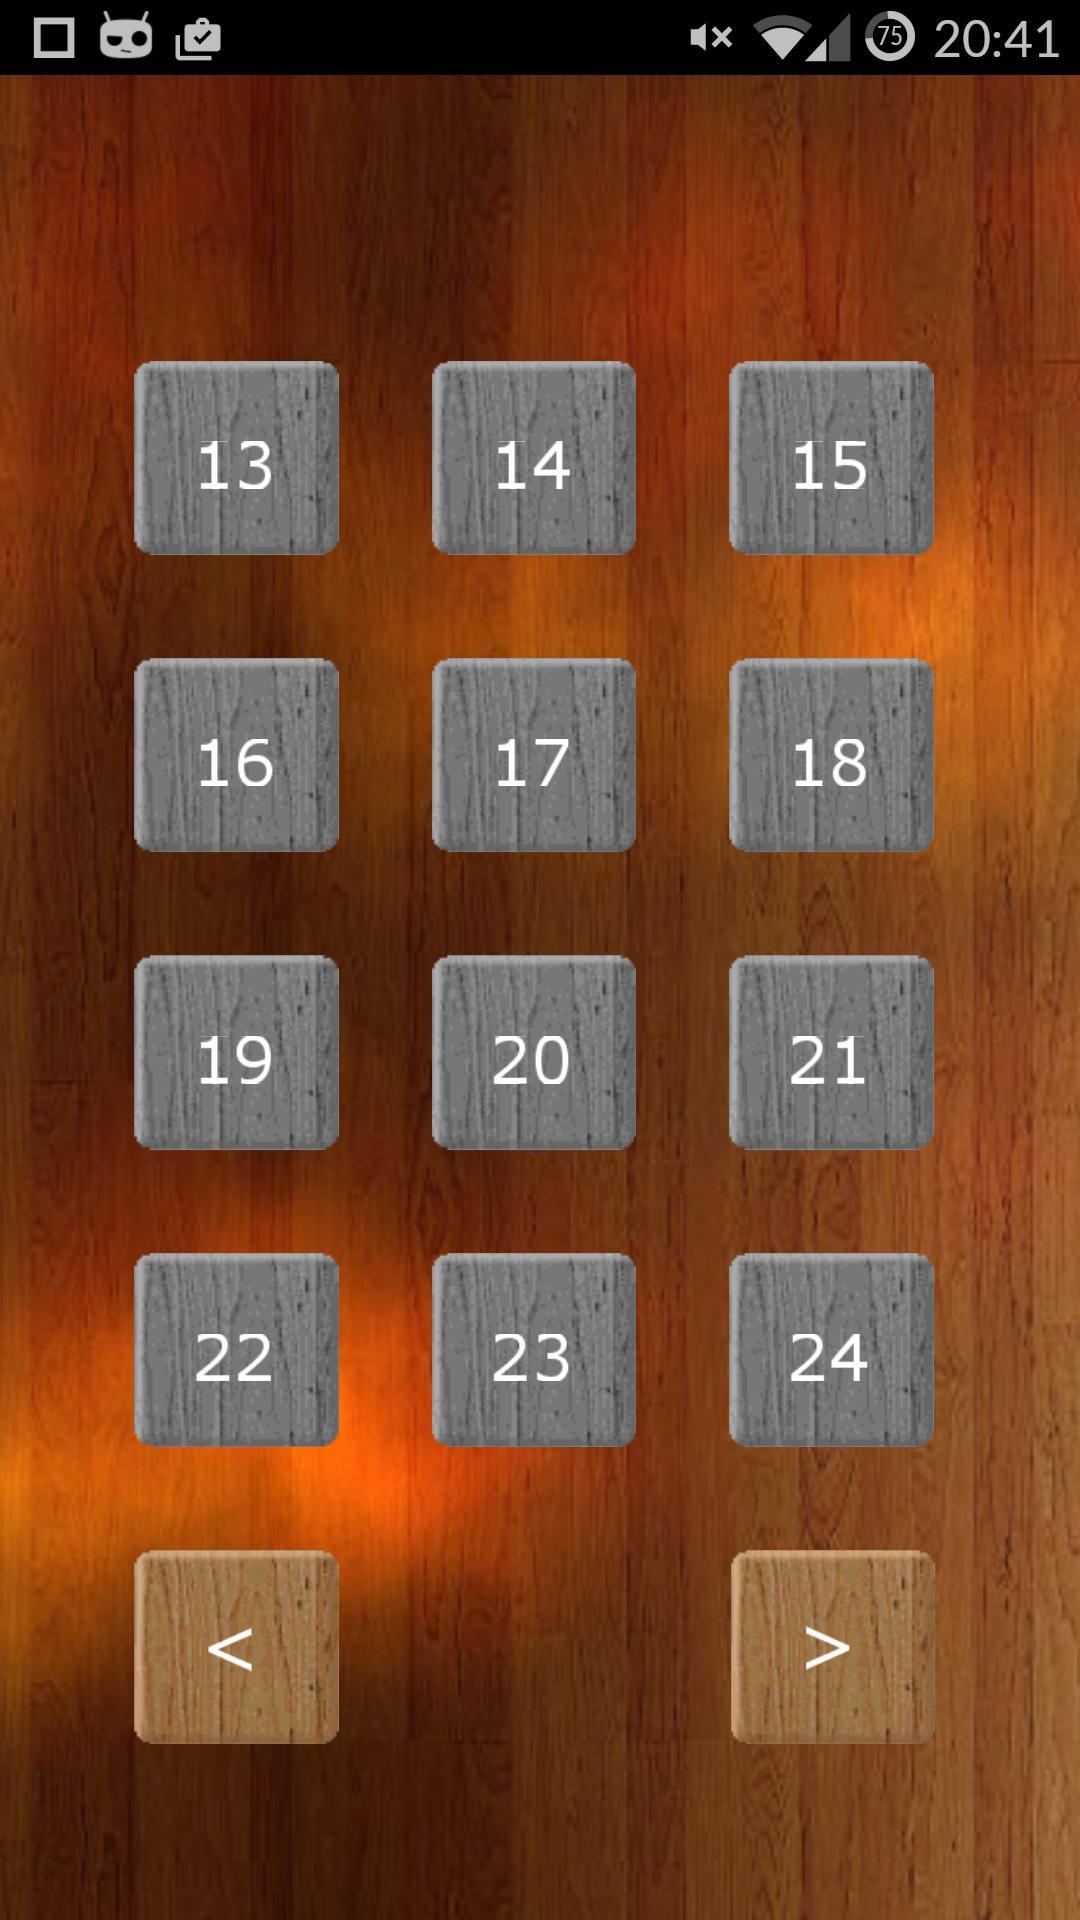 Tangram Gratuit For Android - Apk Download tout Jeux De Tangram Gratuit